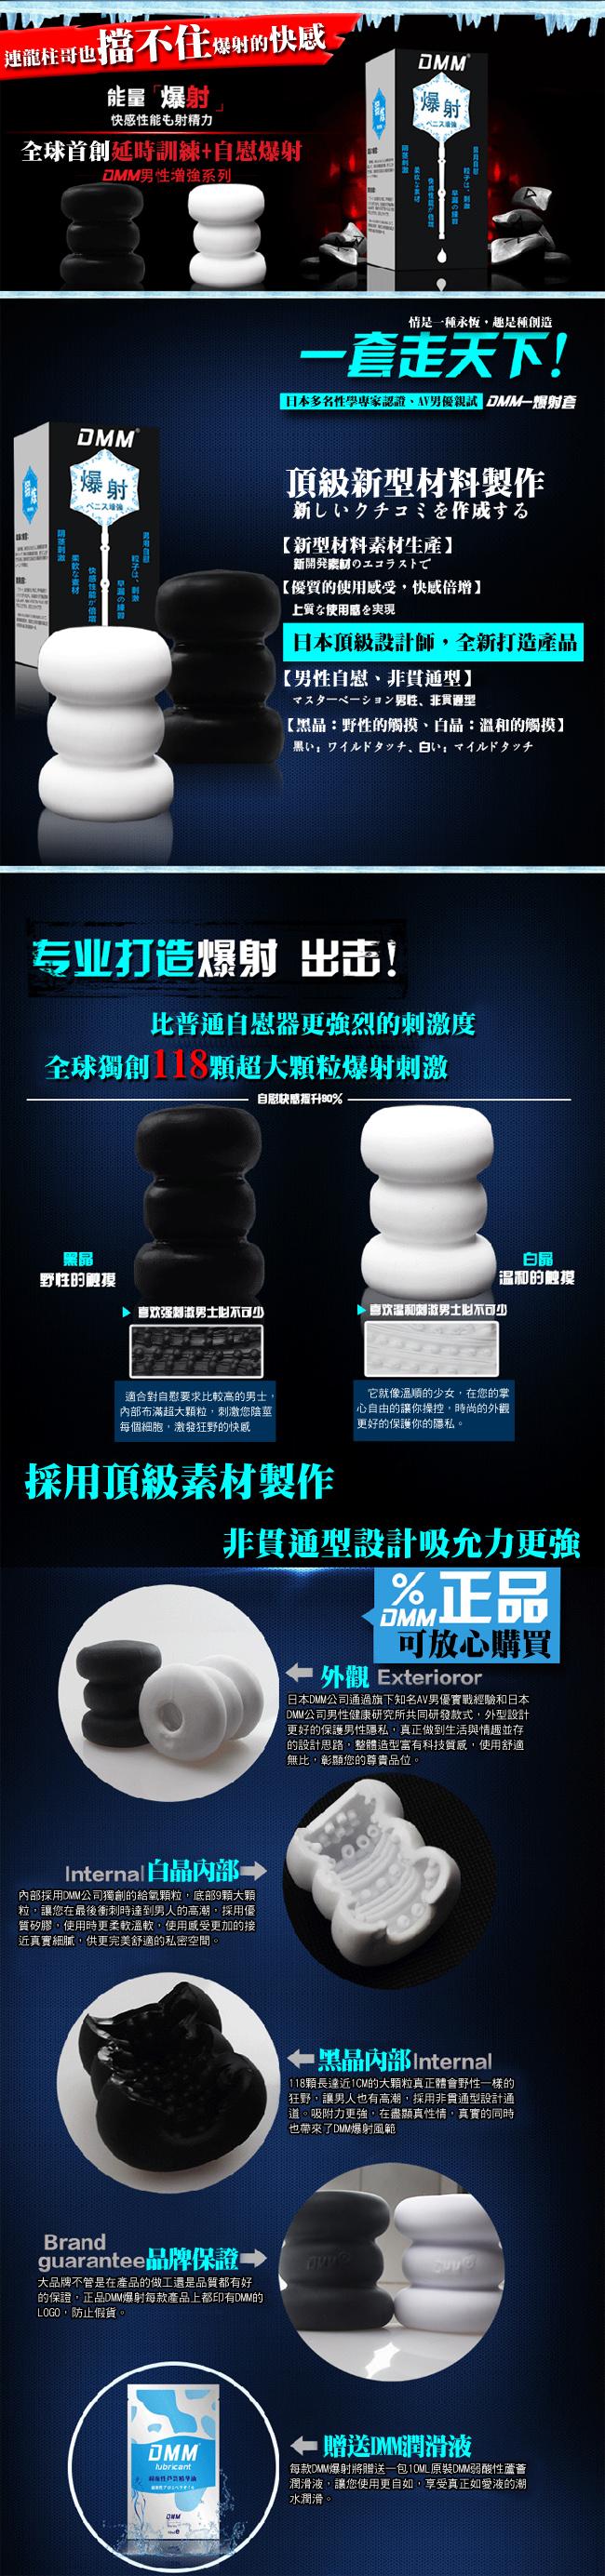 日本DMM-爆射黑晶(隱密型)訓練自慰器-野性的刺激